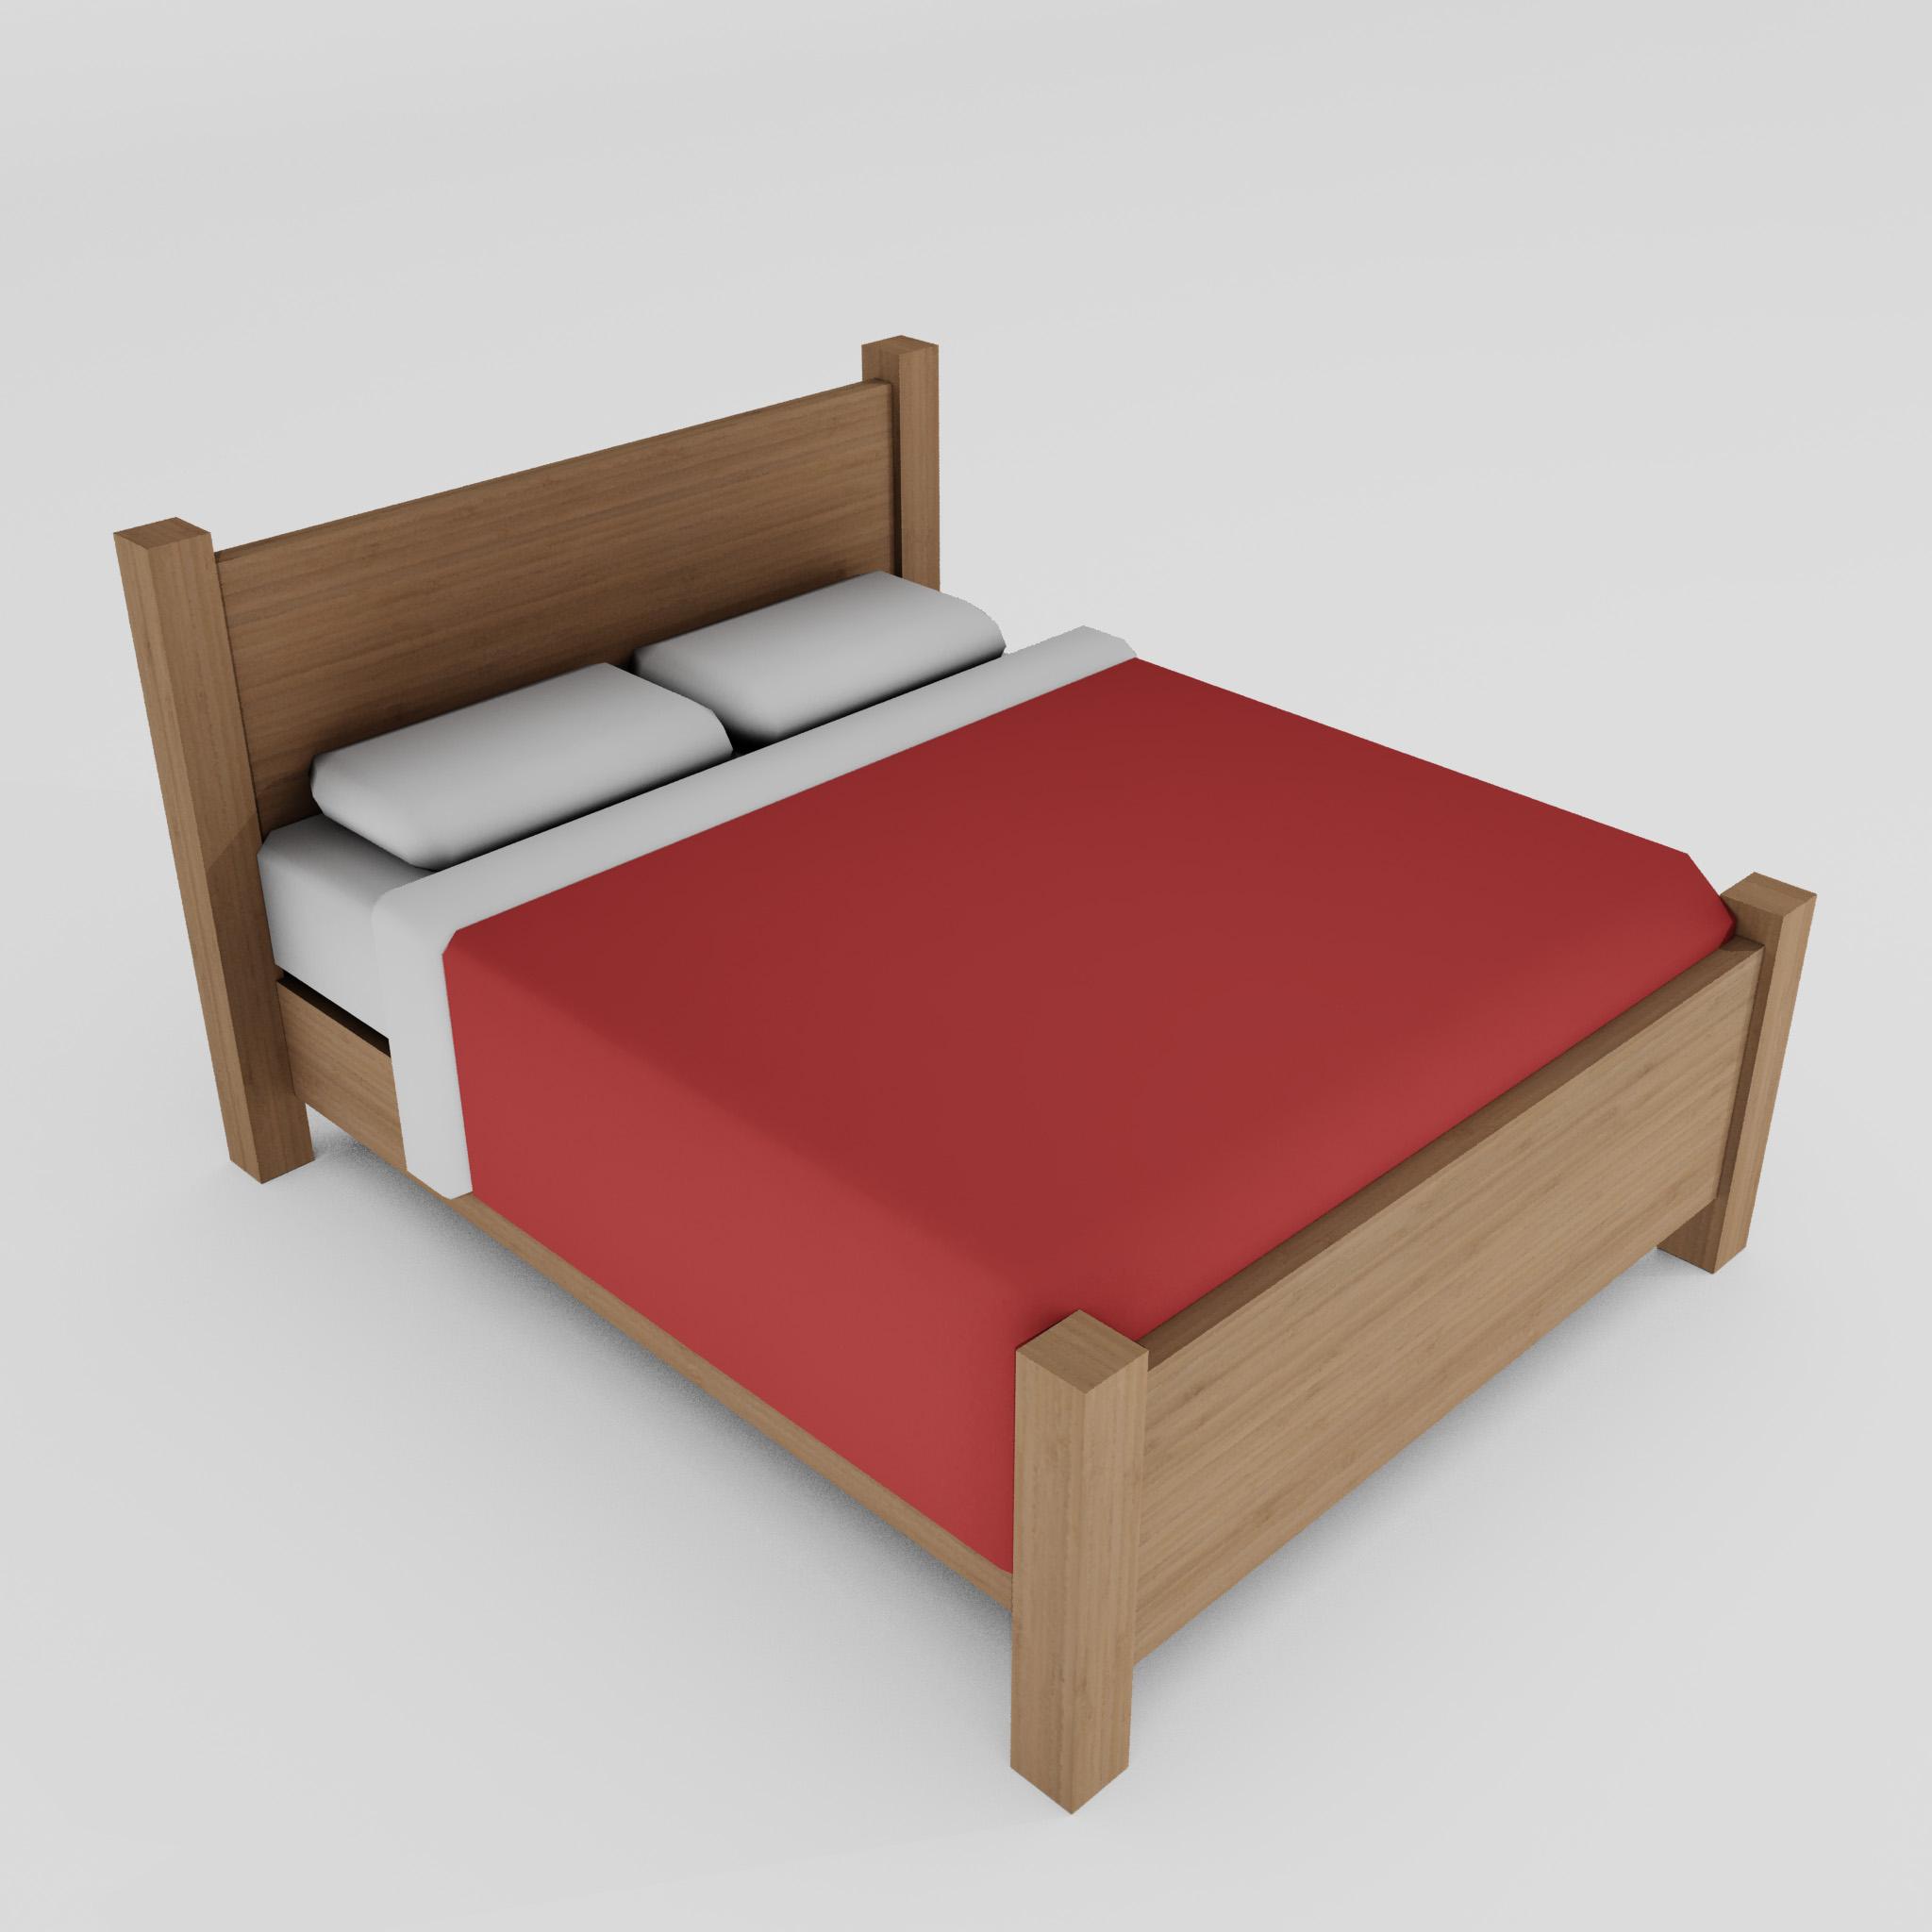 double bed 3d model 3ds max fbx obj 271946